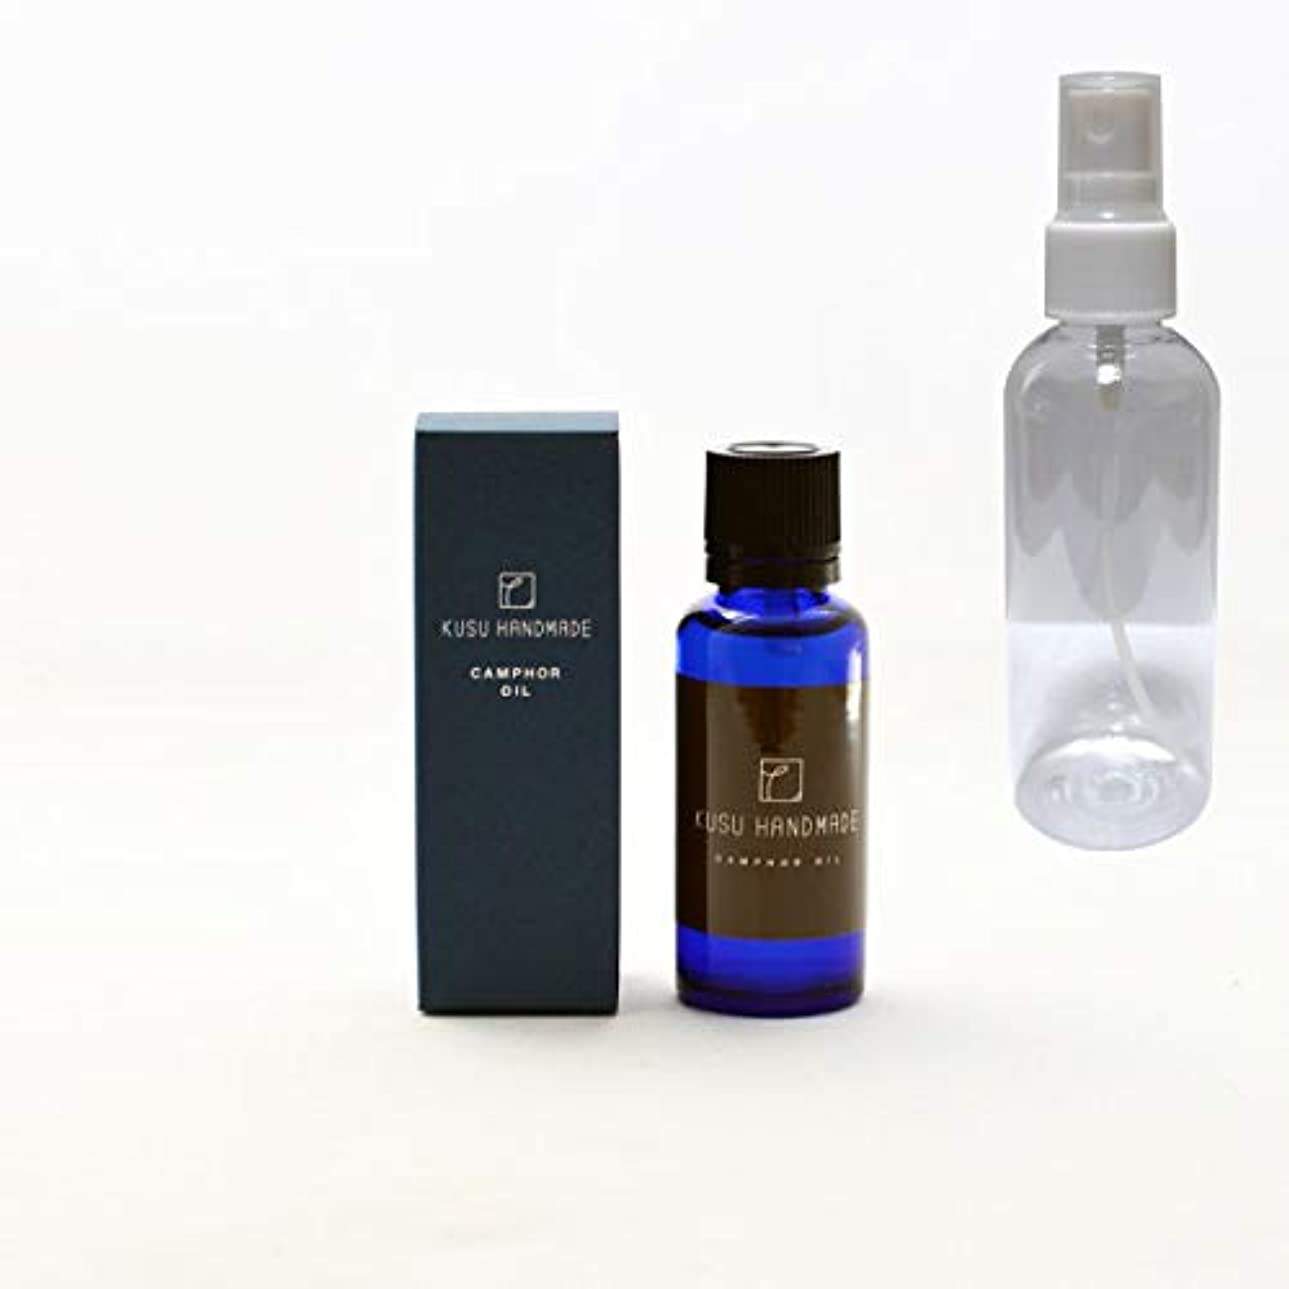 KUSU HANDMADE カンフルオイル 30ml くすのき油 樟脳油 エッセンシャルオイル アロマバス 虫除け 便利なスプレーボトルセット